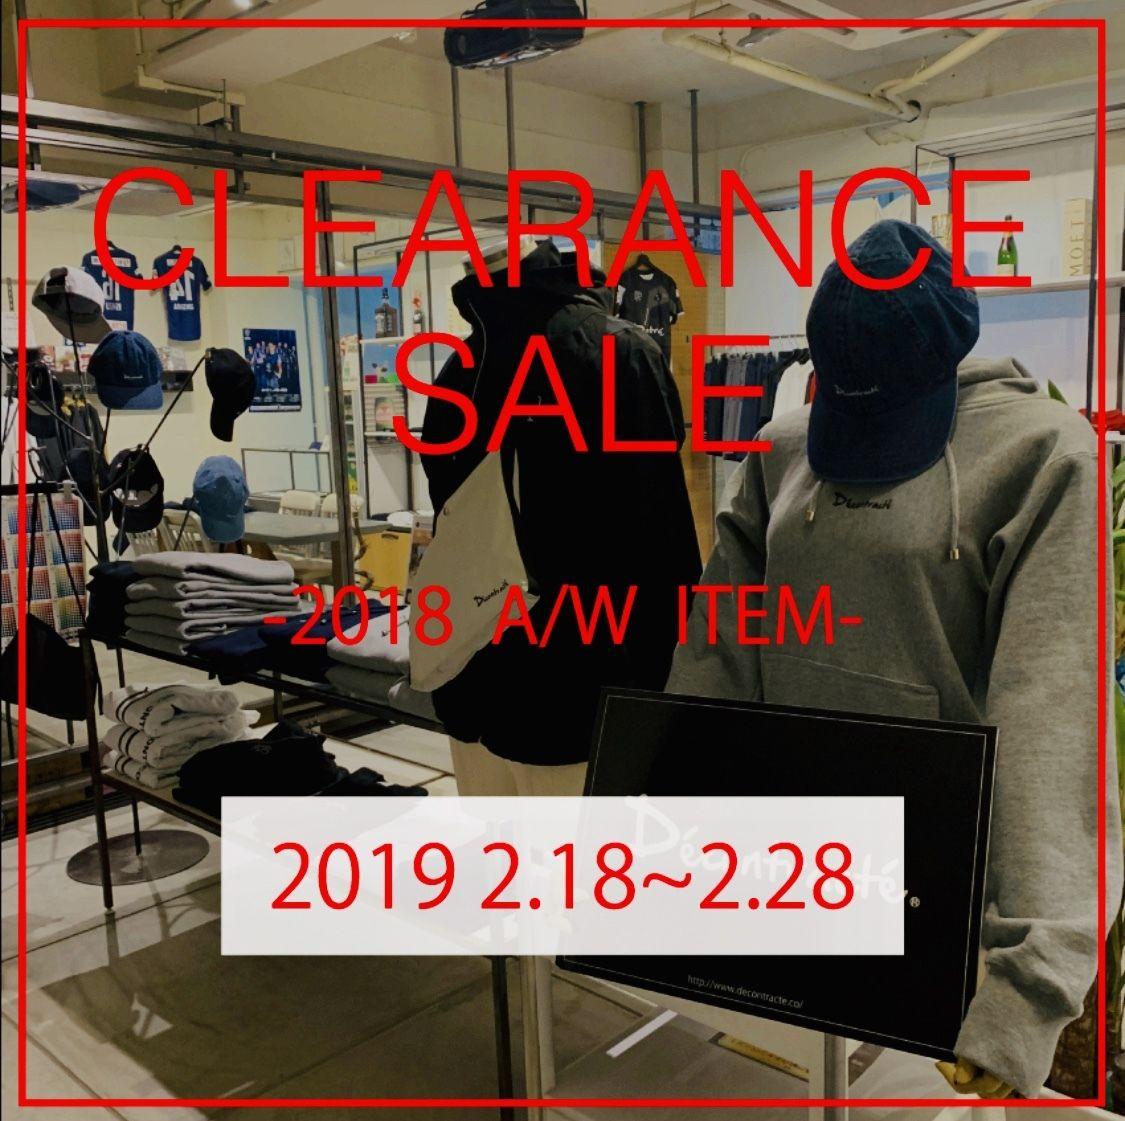 2018A/W商品セール開催!